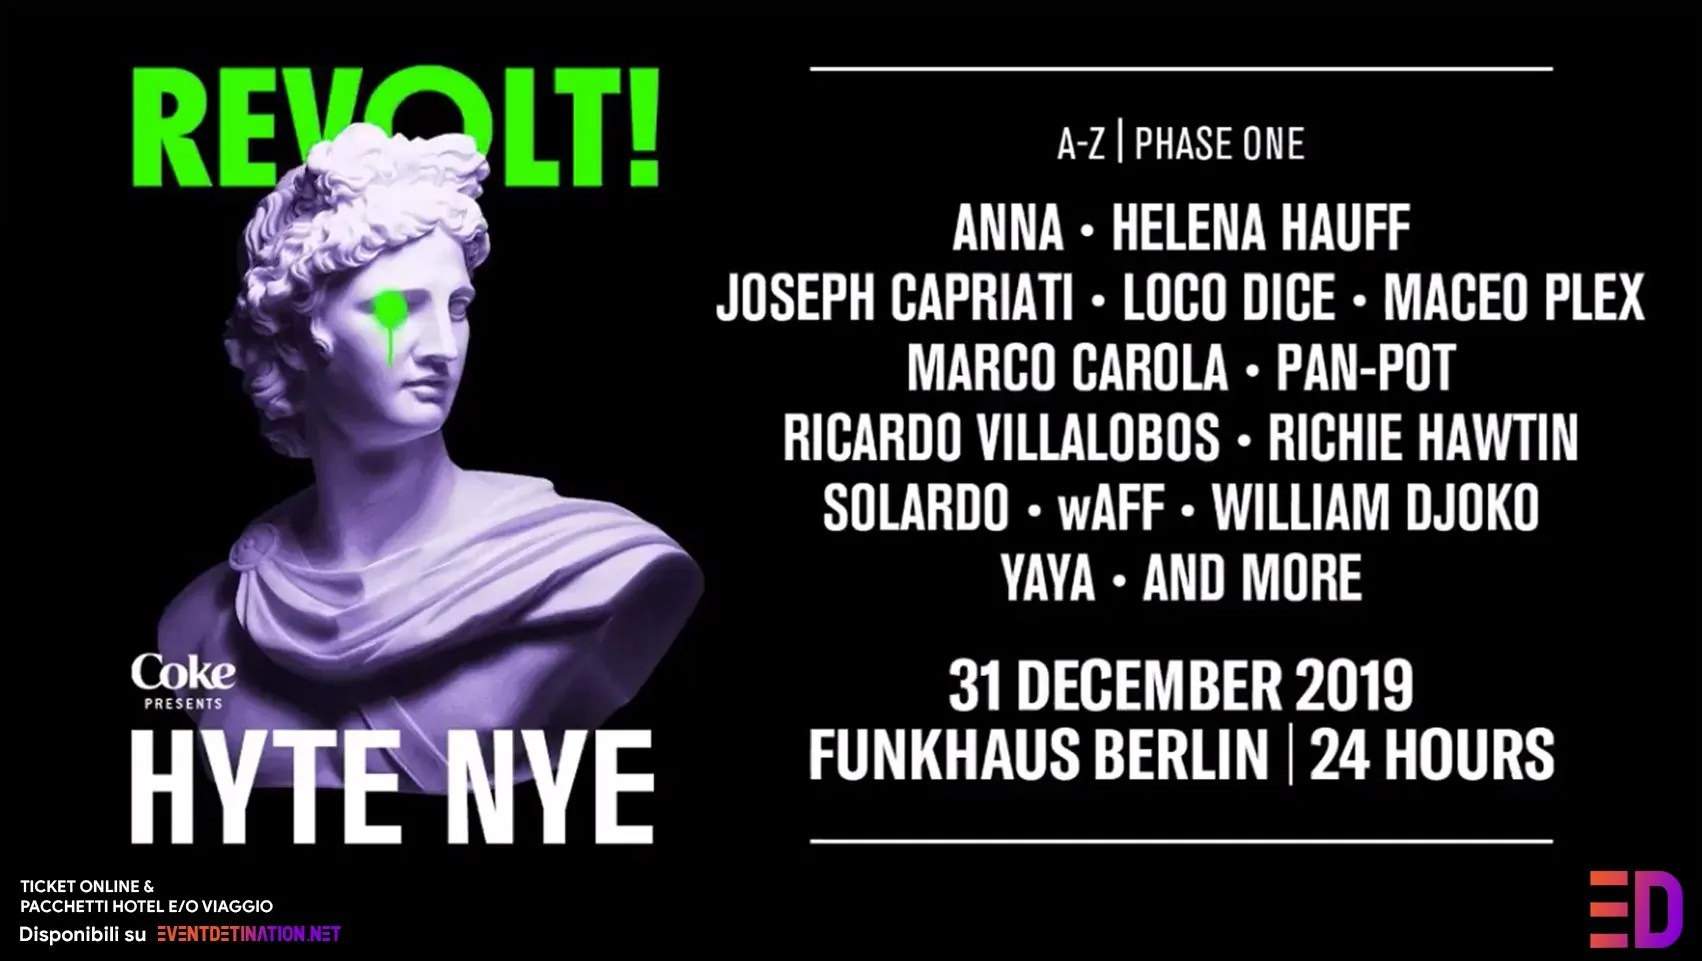 Hyte Berlin NYE 2019/2020 Funkhaus Berlino 31 Dicembre 2019   Ticket + Biglietti + Hotel + Viaggio